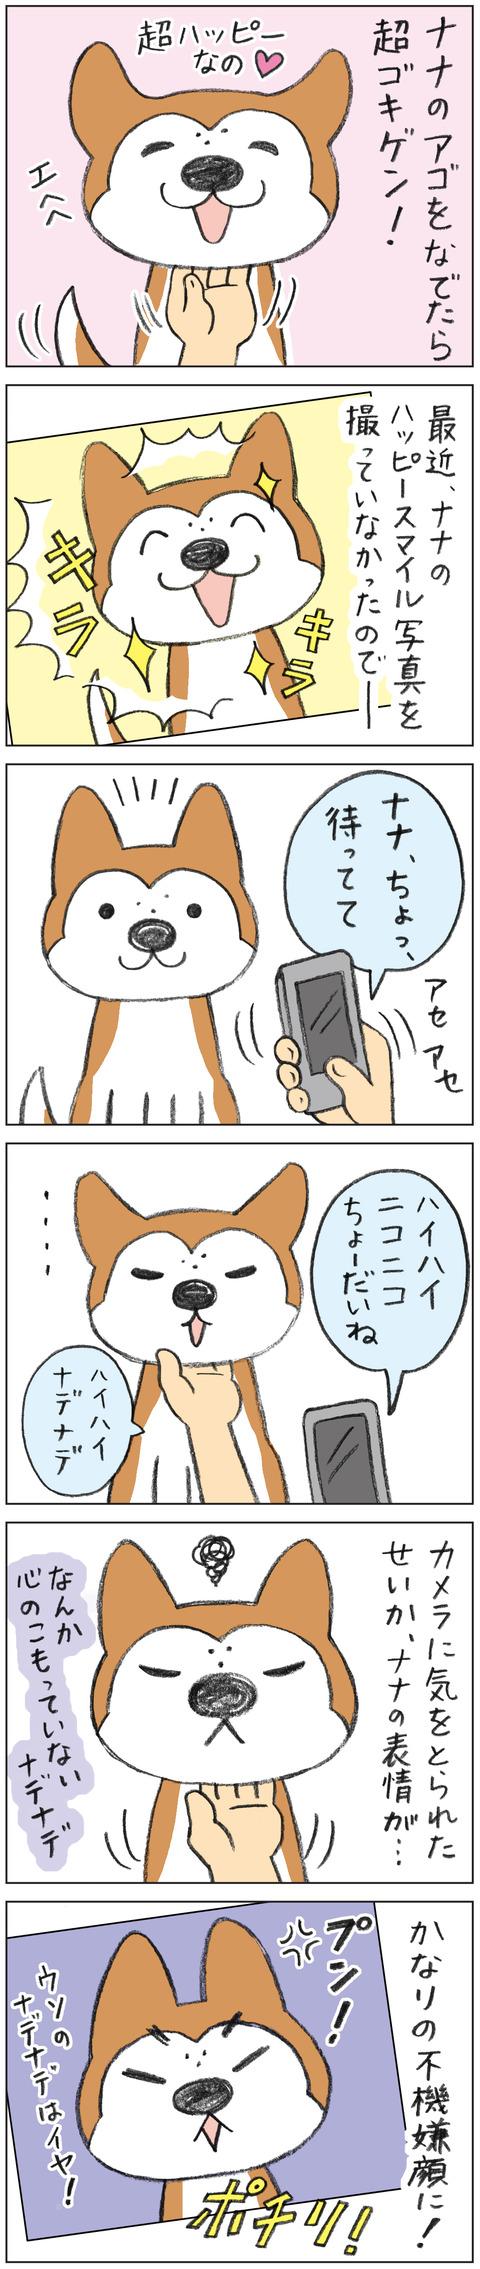 動物18-0146